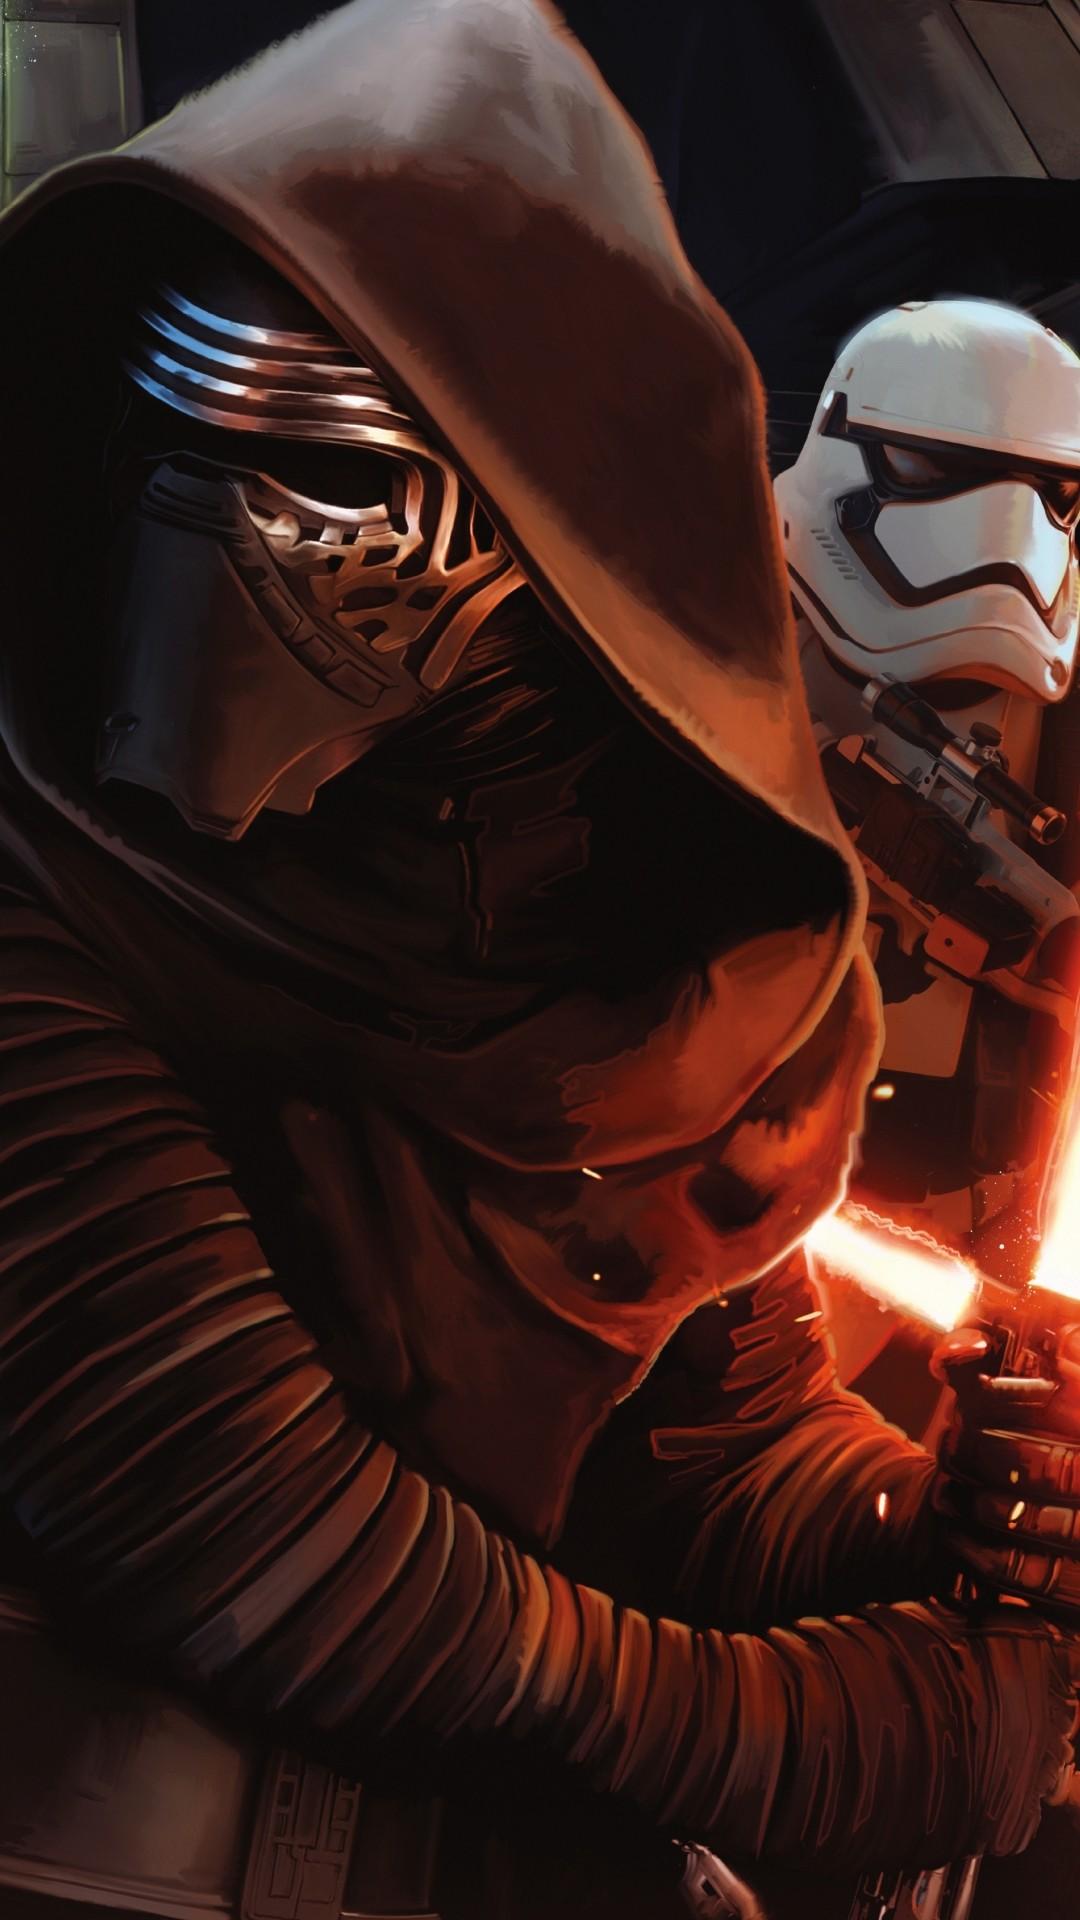 Star Wars The Force Awakens Wallpaper Kylo Ren Stormtrooper. Download:  iPhone